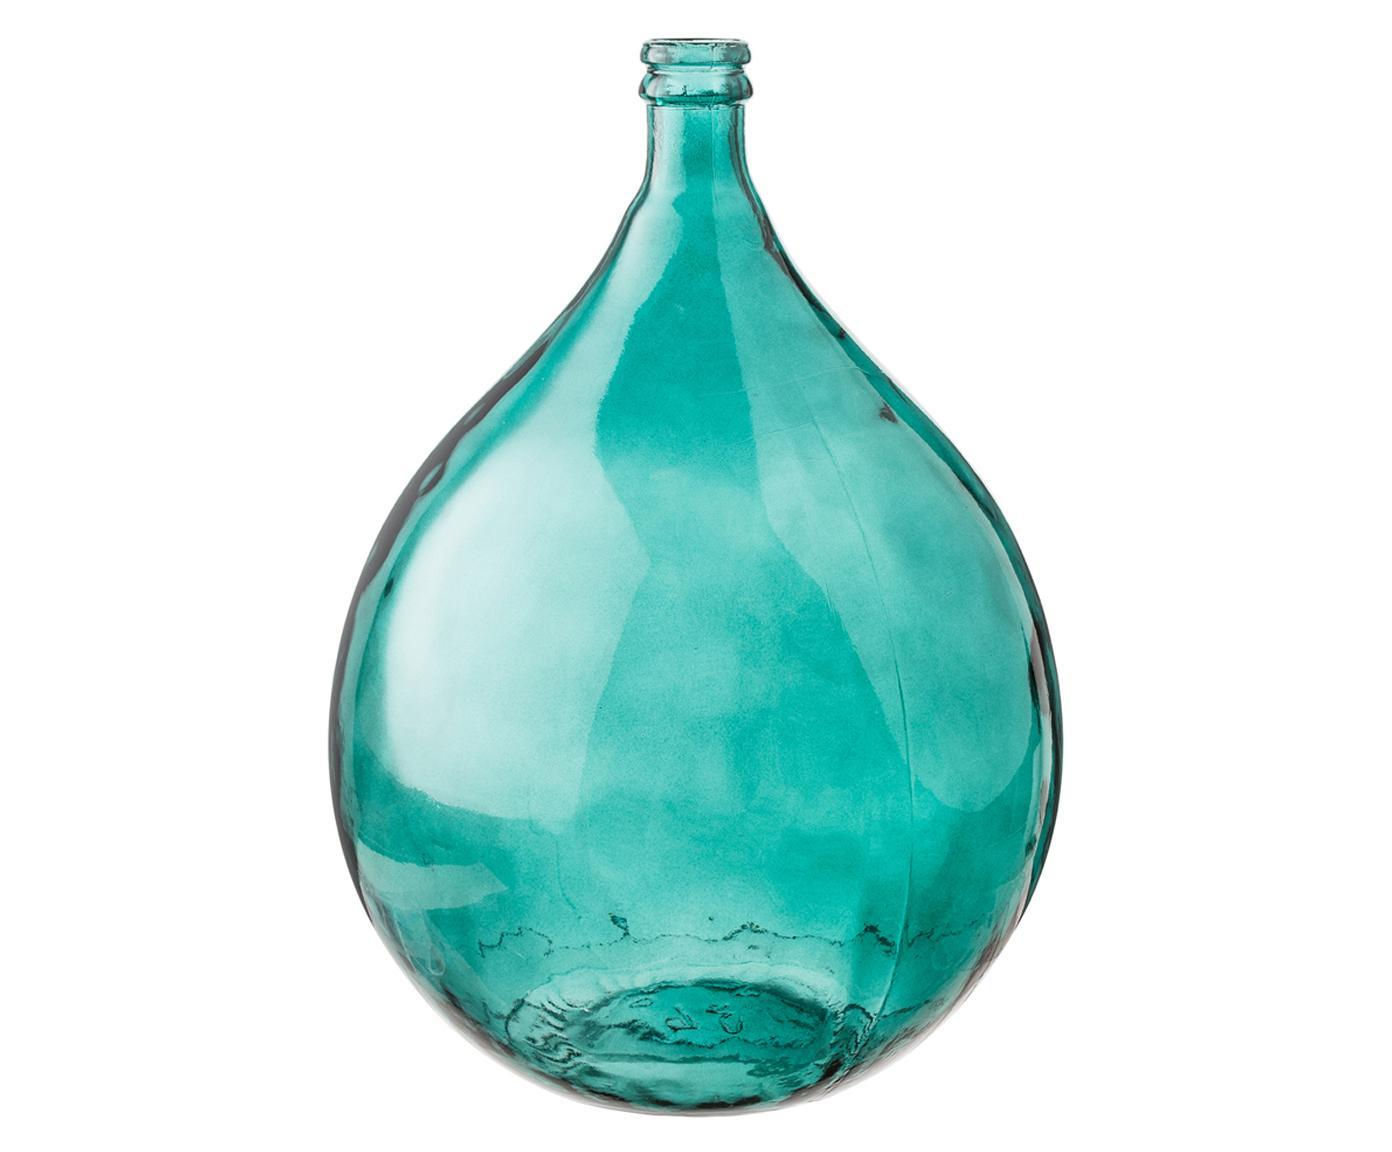 Vaso da terra in vetro riciclato Drop, Vetro riciclato, Acqua, Ø 40 x Alt. 56 cm